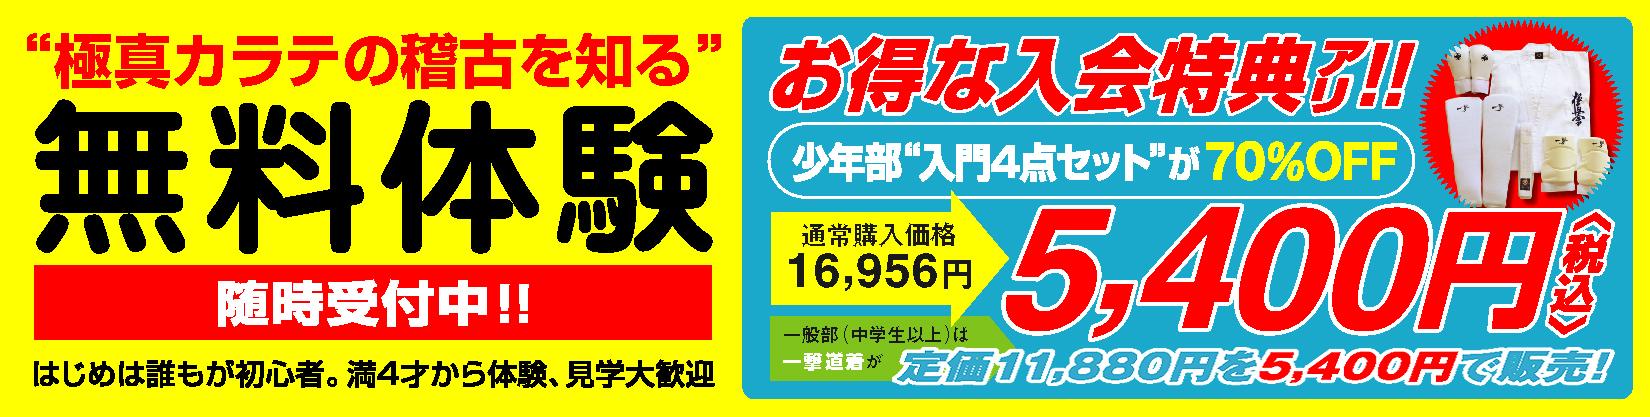 無料体験&入会キャンペーン